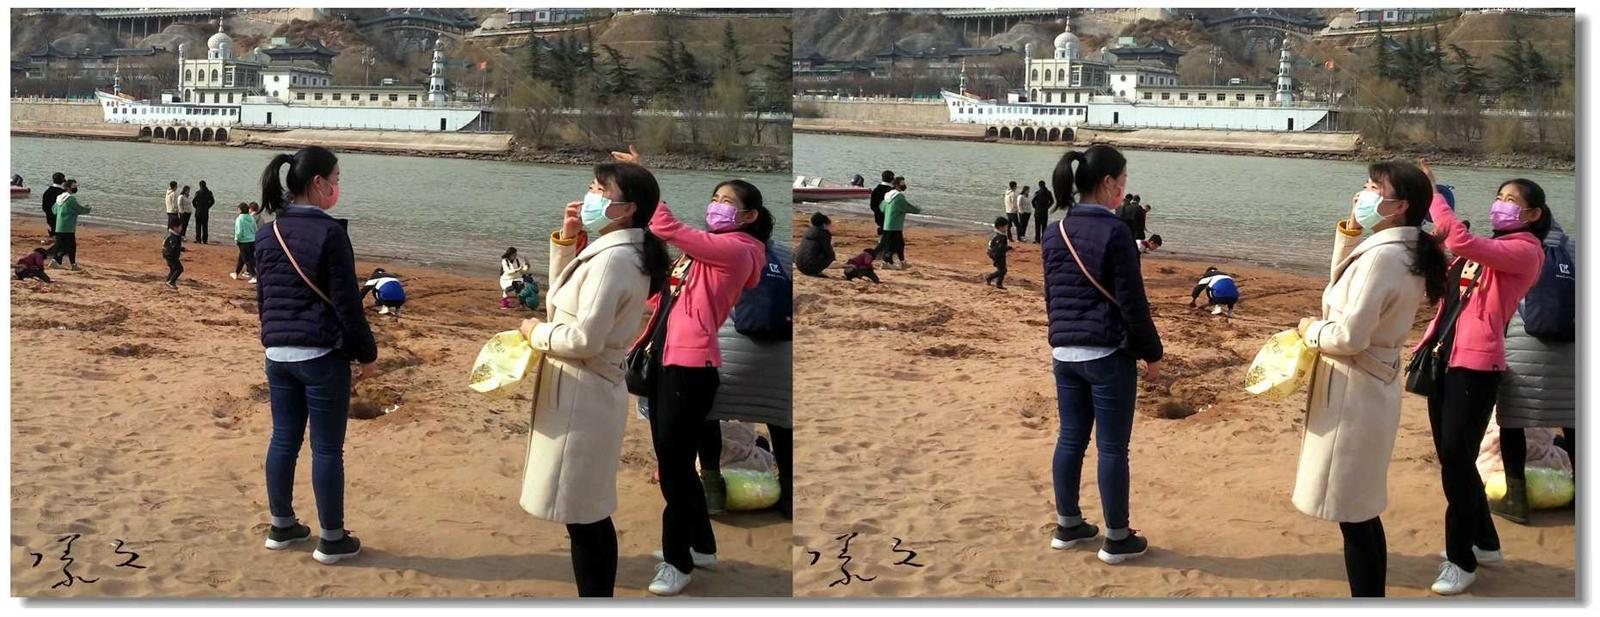 【原创】河边放风筝的女子 -2